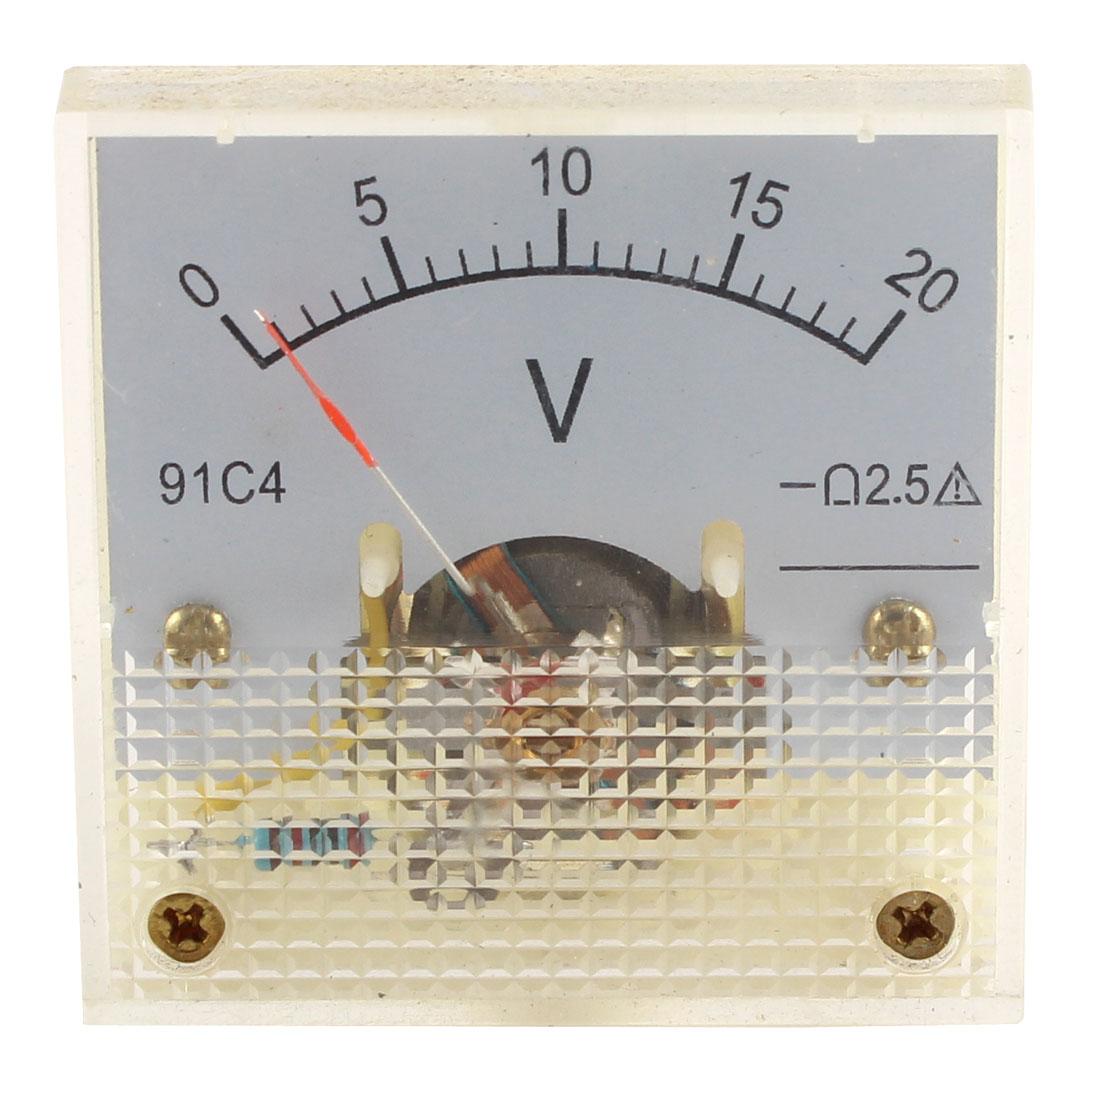 91C4 DC 0-20V Analog Panel Voltmeter Voltage Meter Measuring Gauge Class 2.5